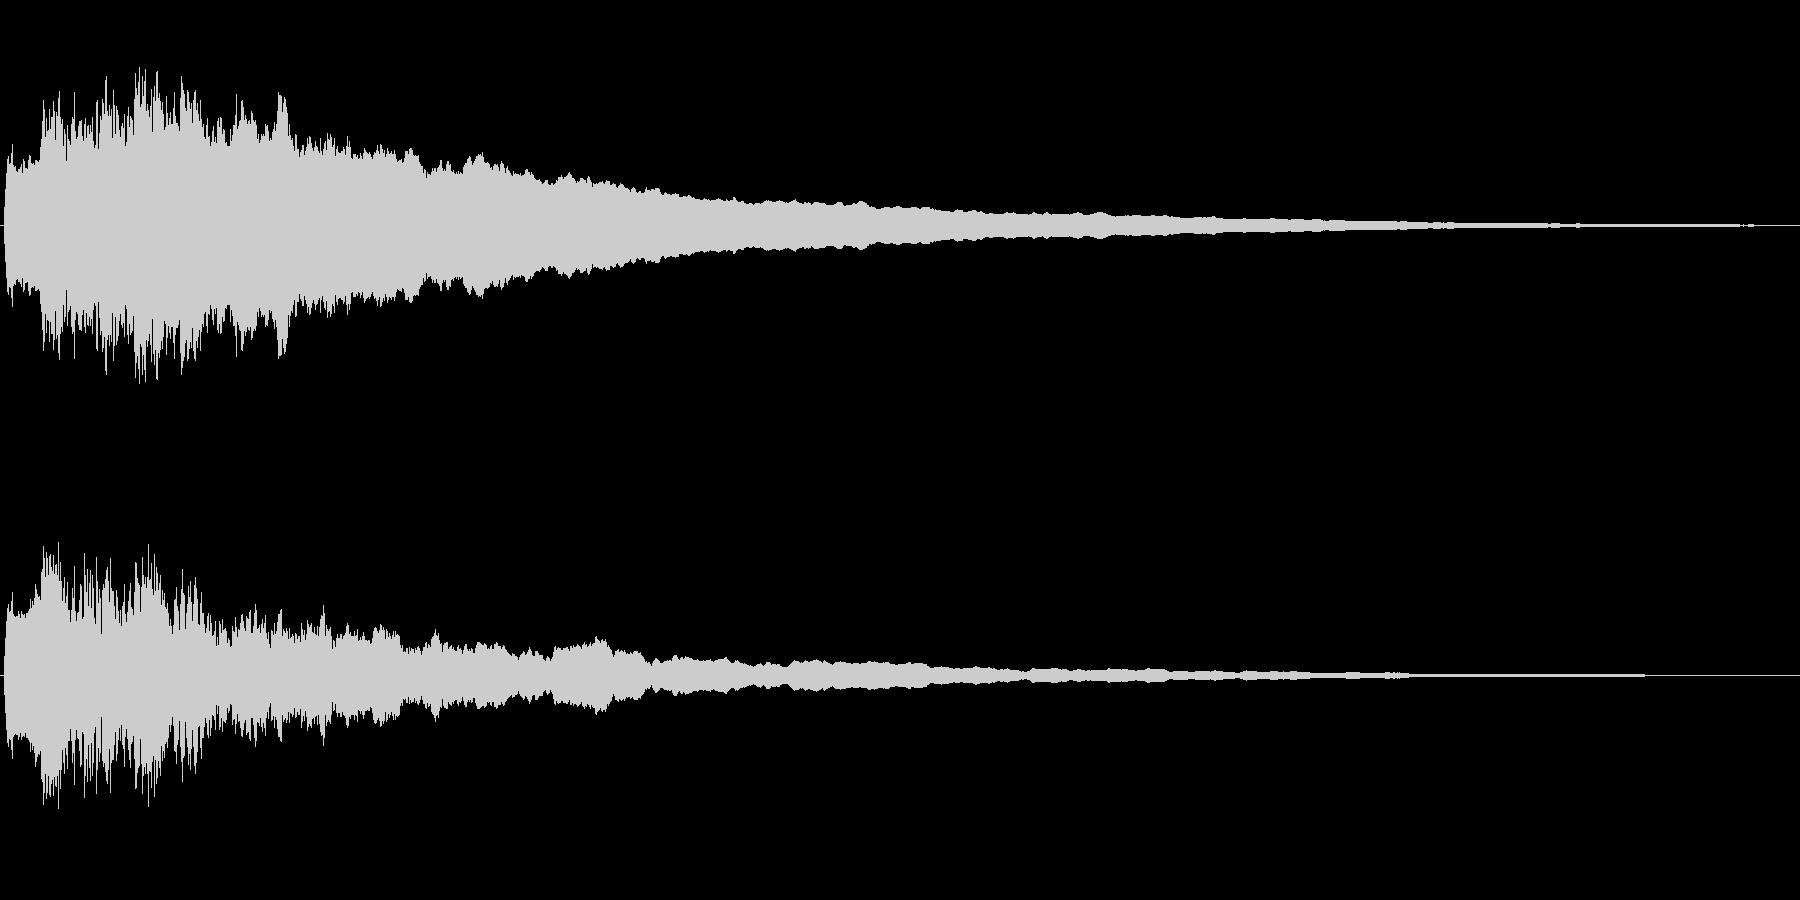 ジングル102aの未再生の波形